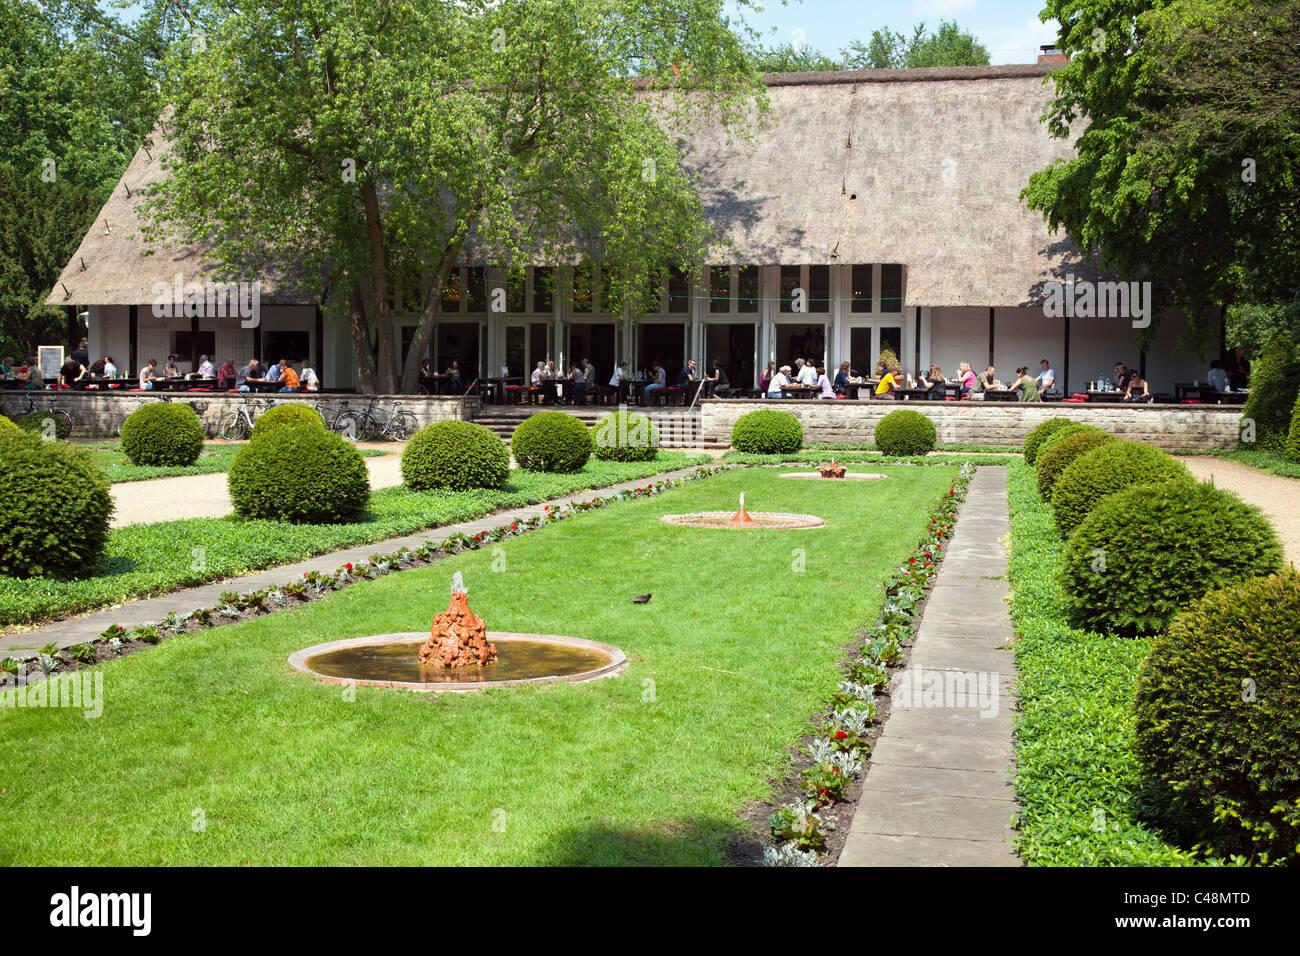 Englischer Garten in the Tiergarten with cafe, Berlin, Germany - Stock Image